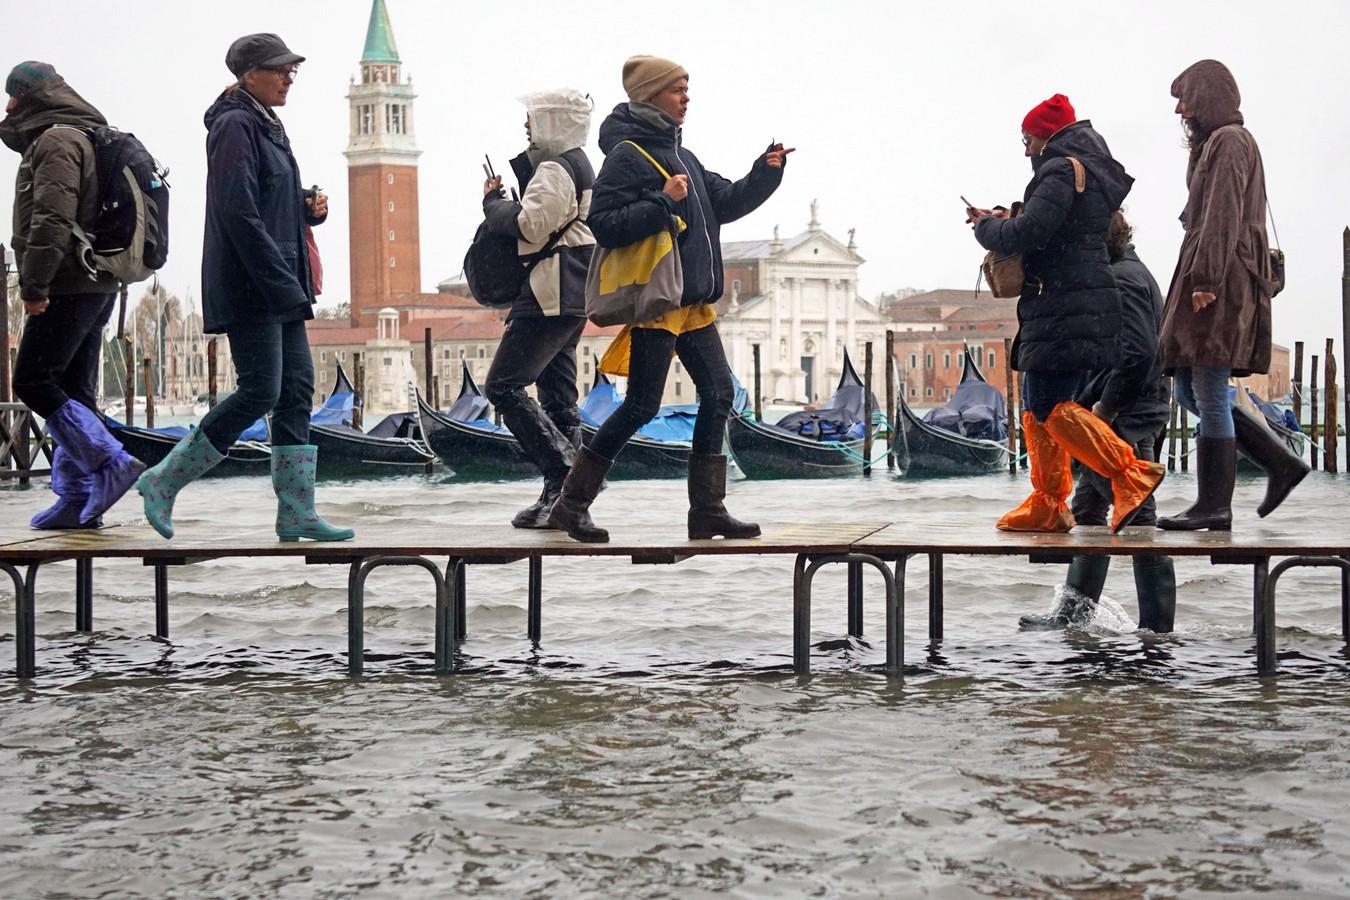 Toeristen lopen over loopplanken door de stad.